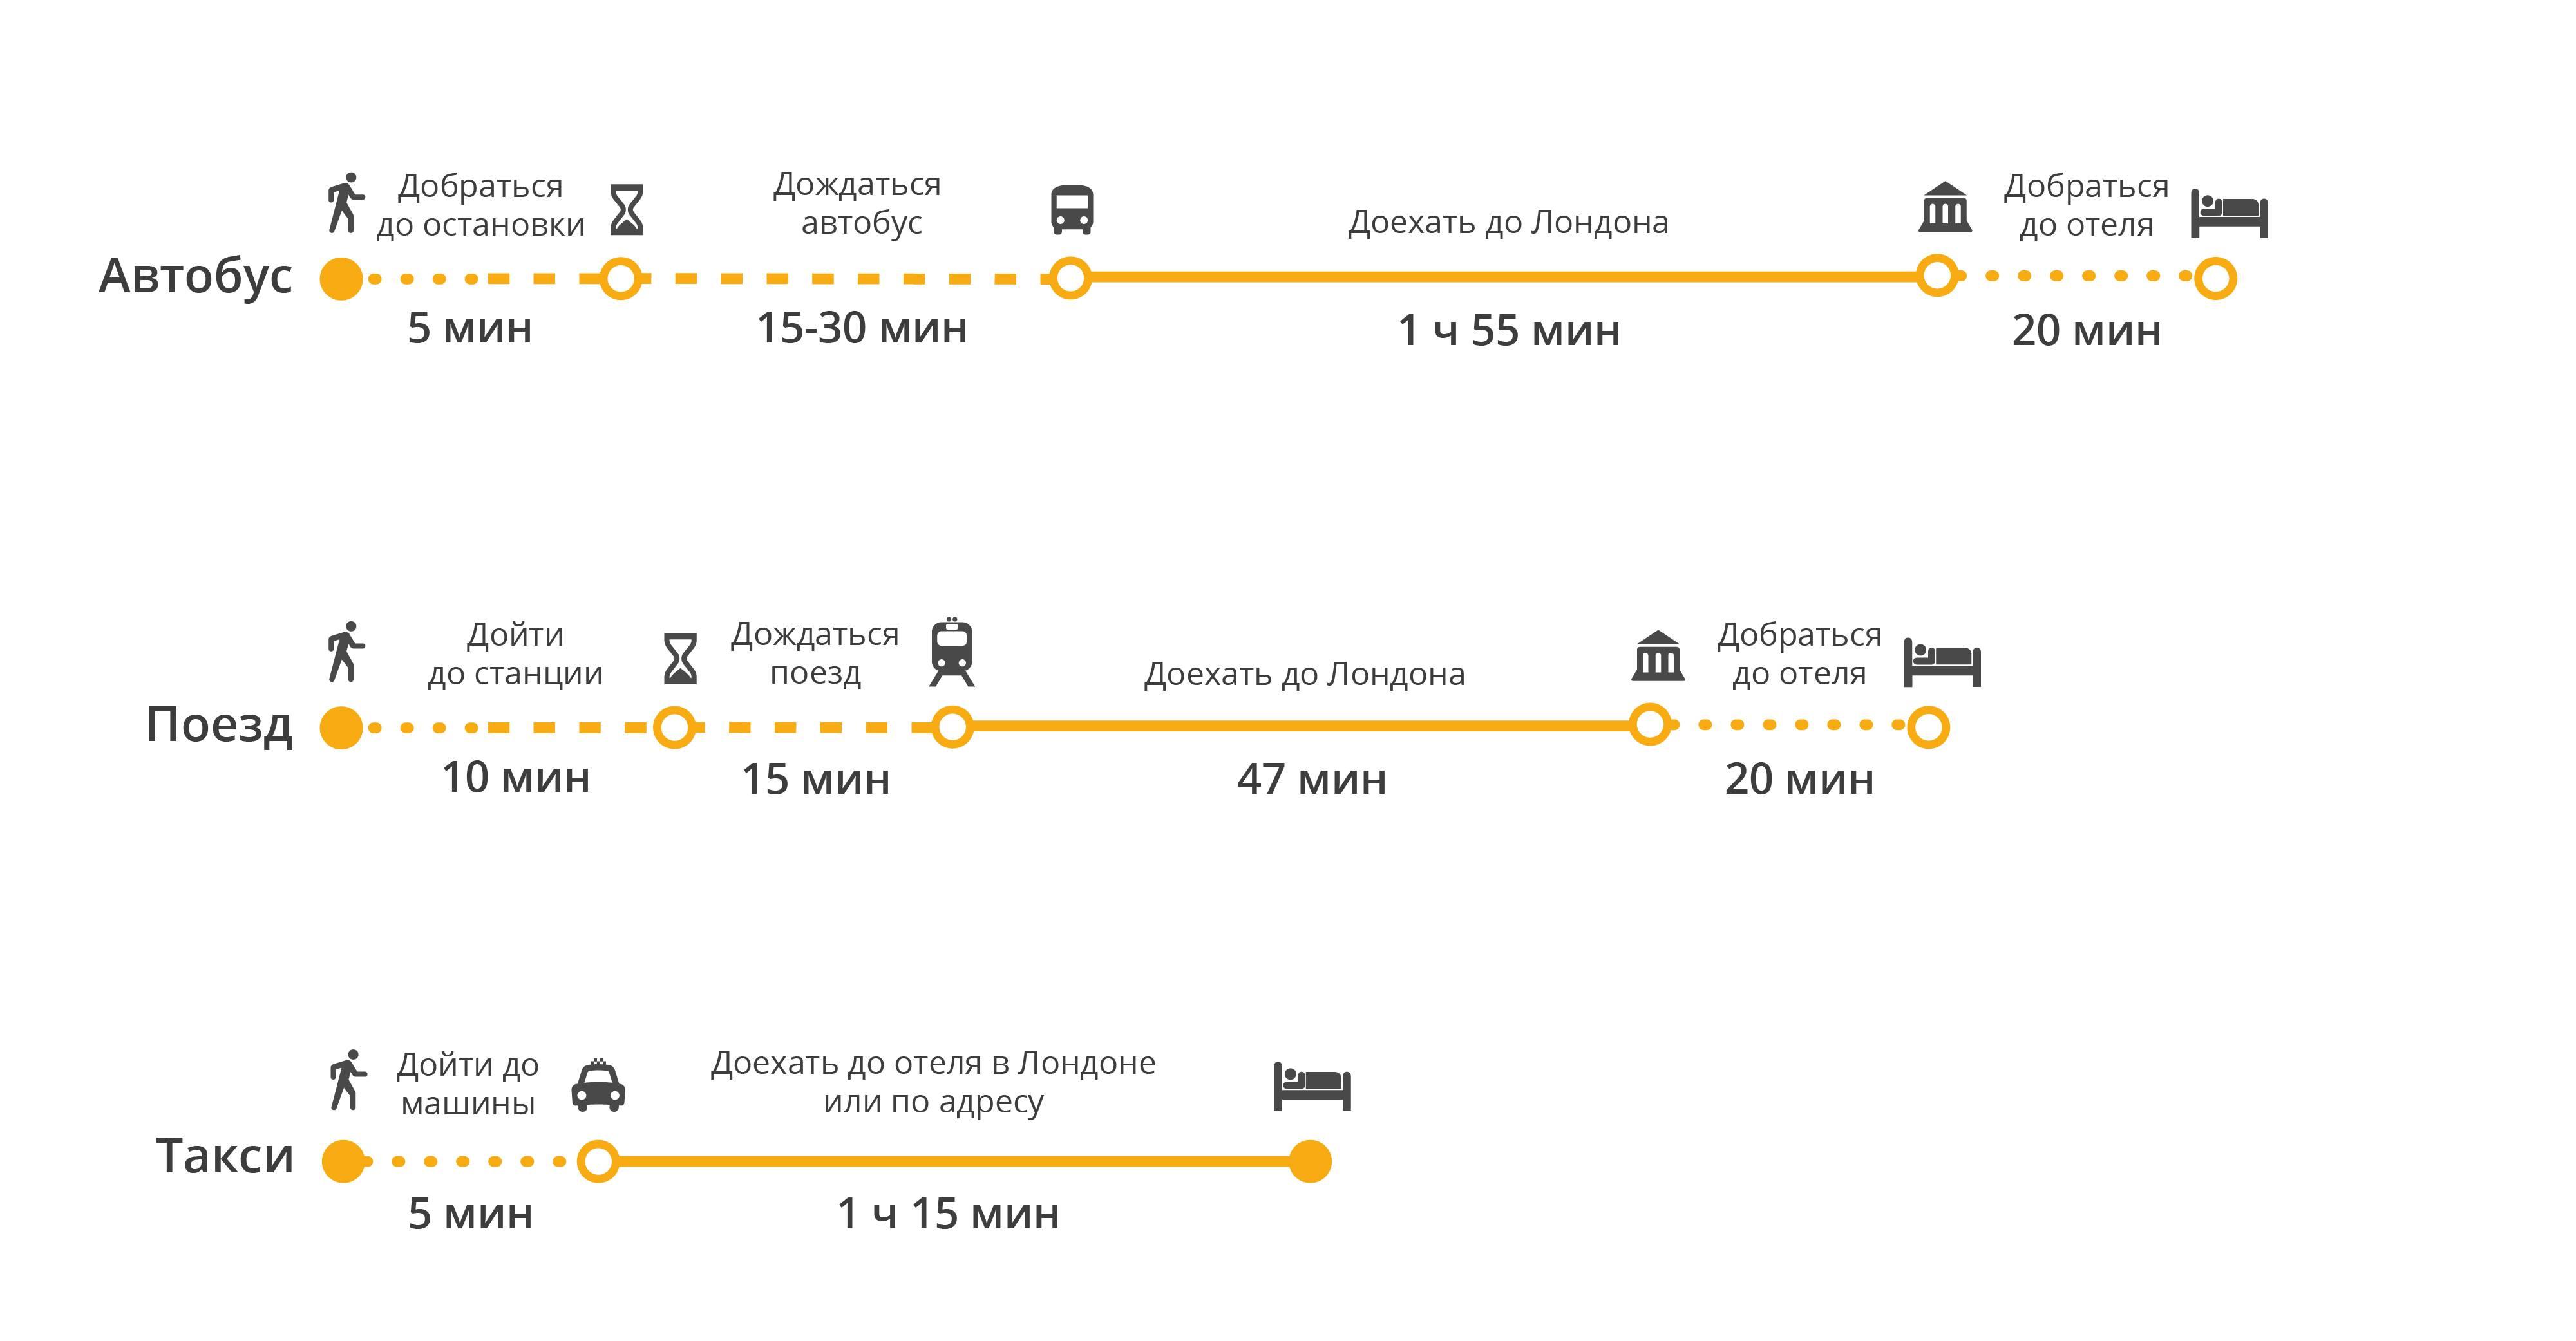 Как добраться до поезда из аэропорта гамбурга